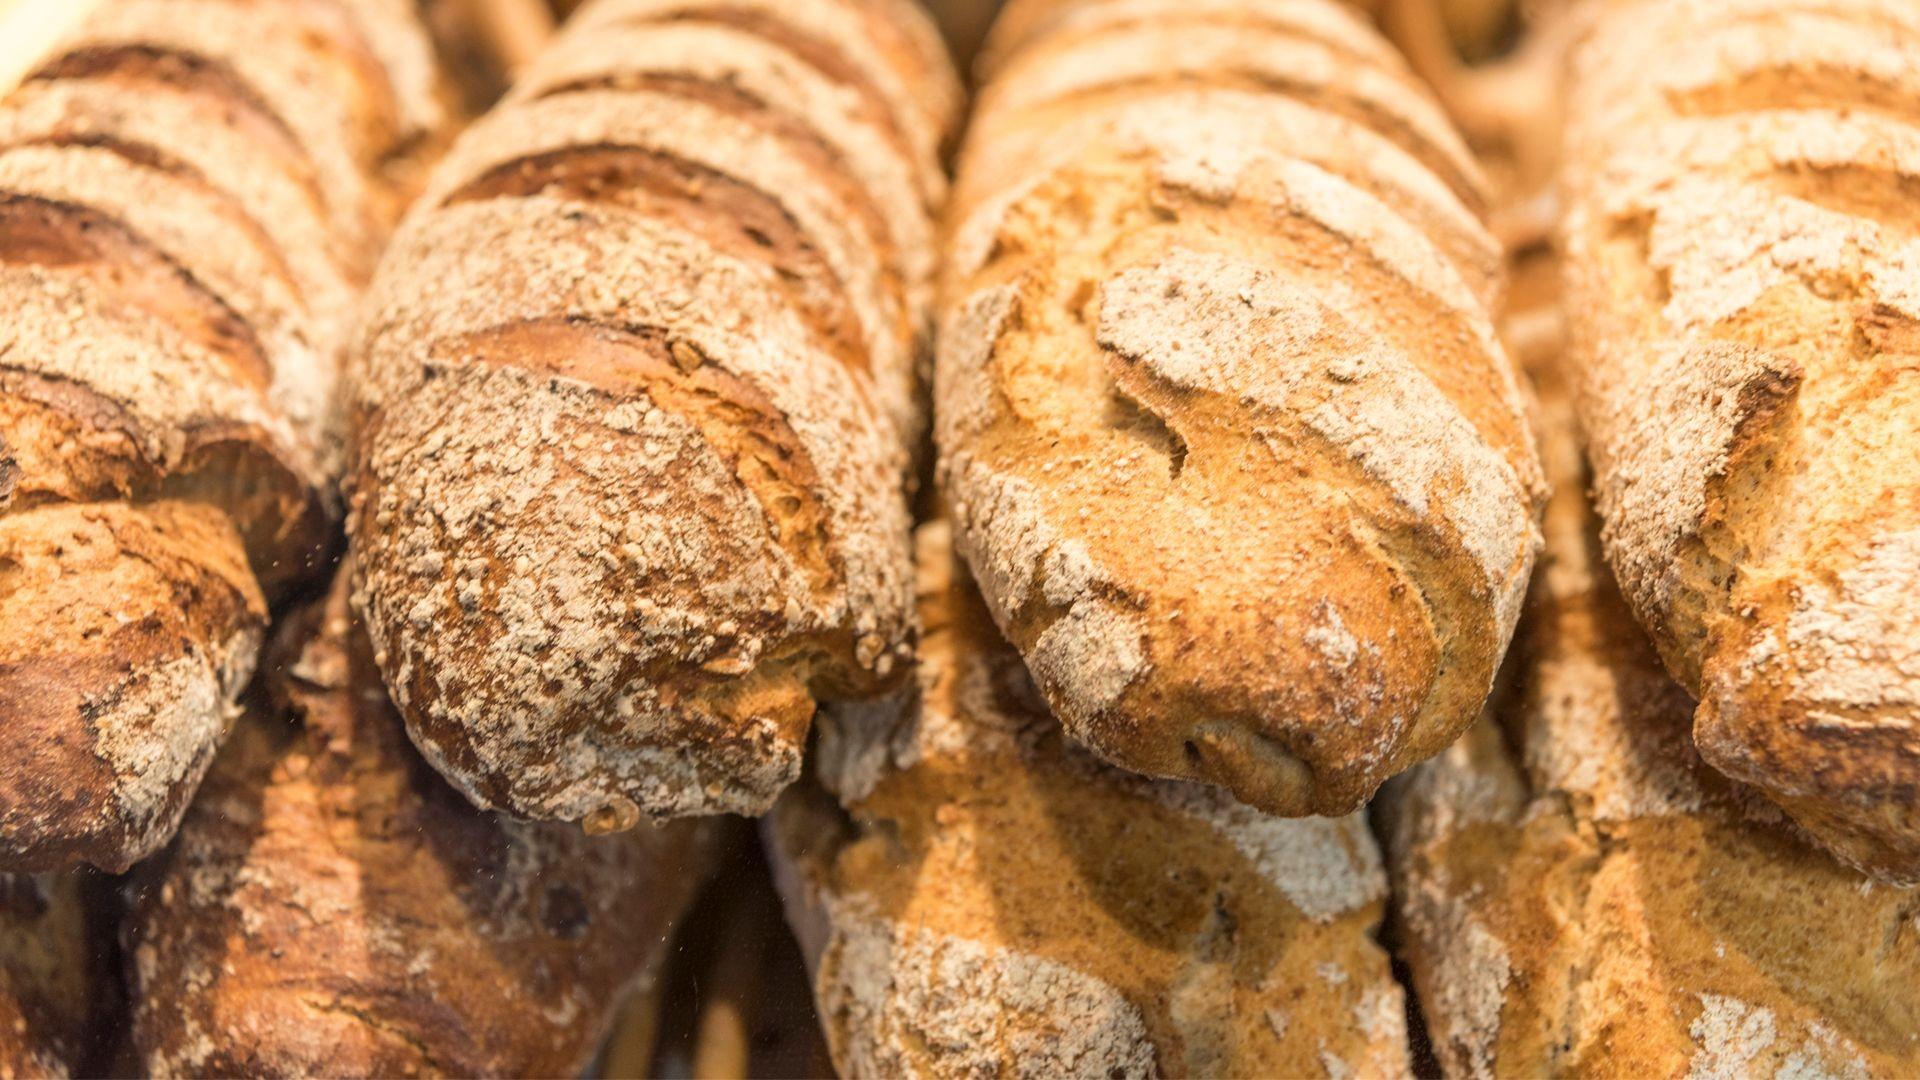 Panadería y pastelería en Petra